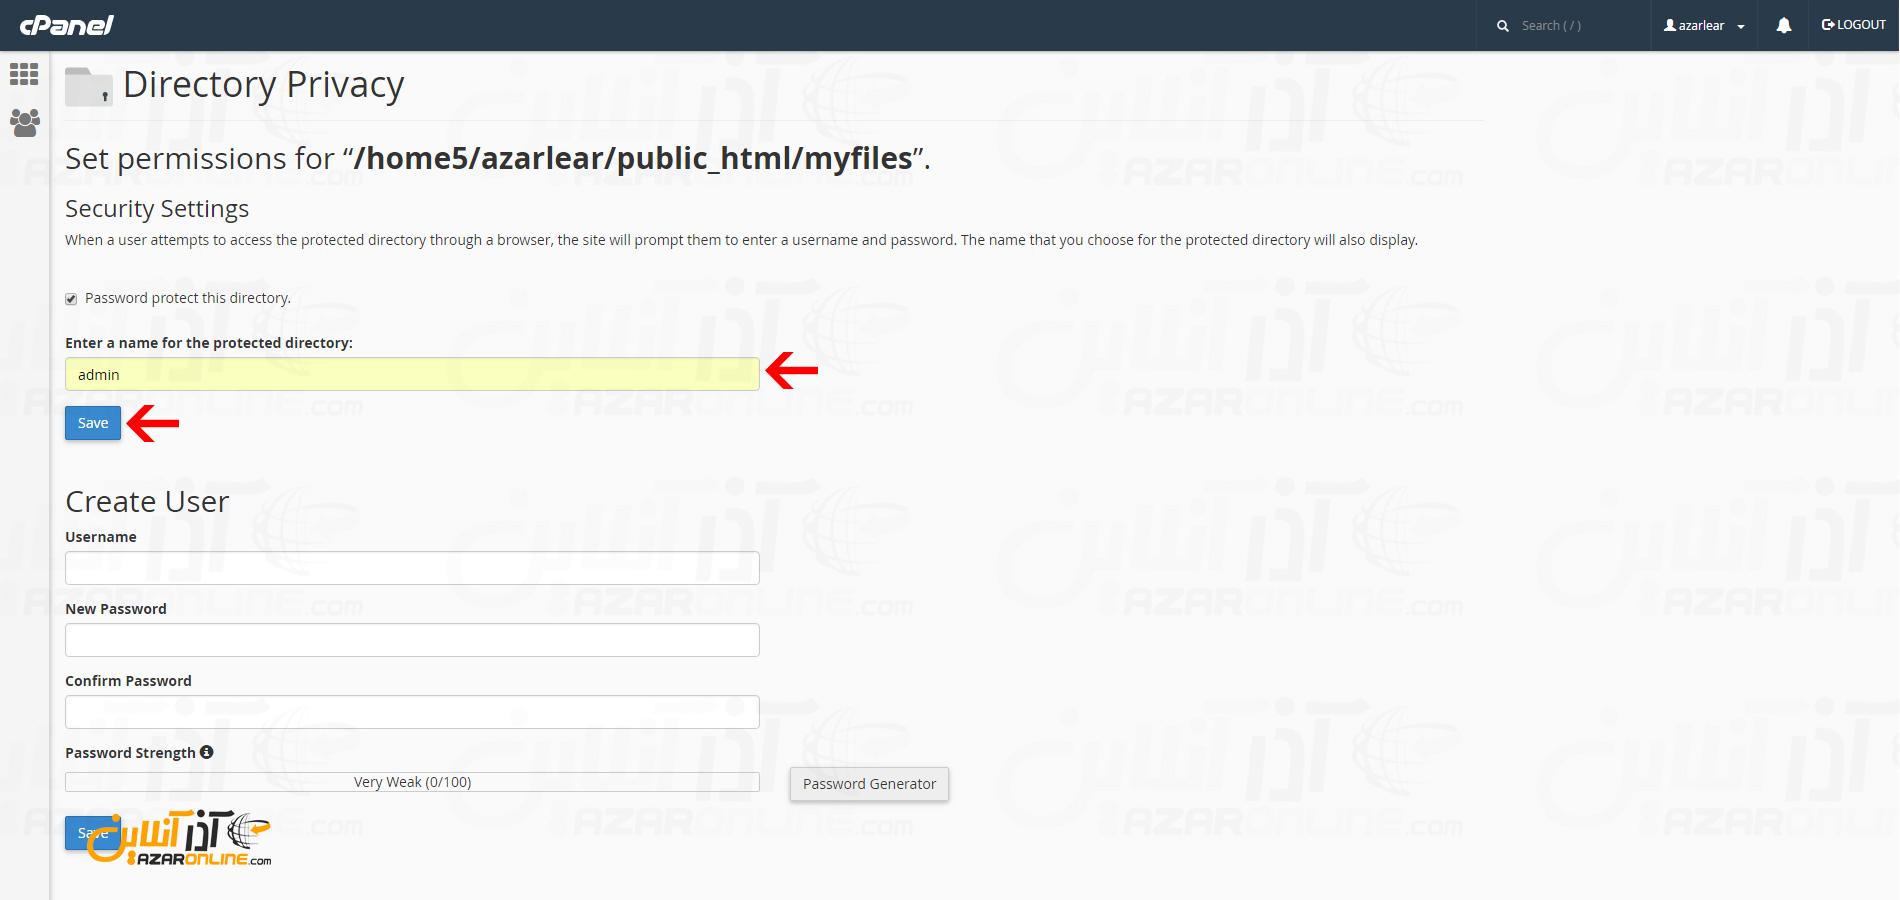 وارد کردن نام یوزر برای رمزگذاری پوشه